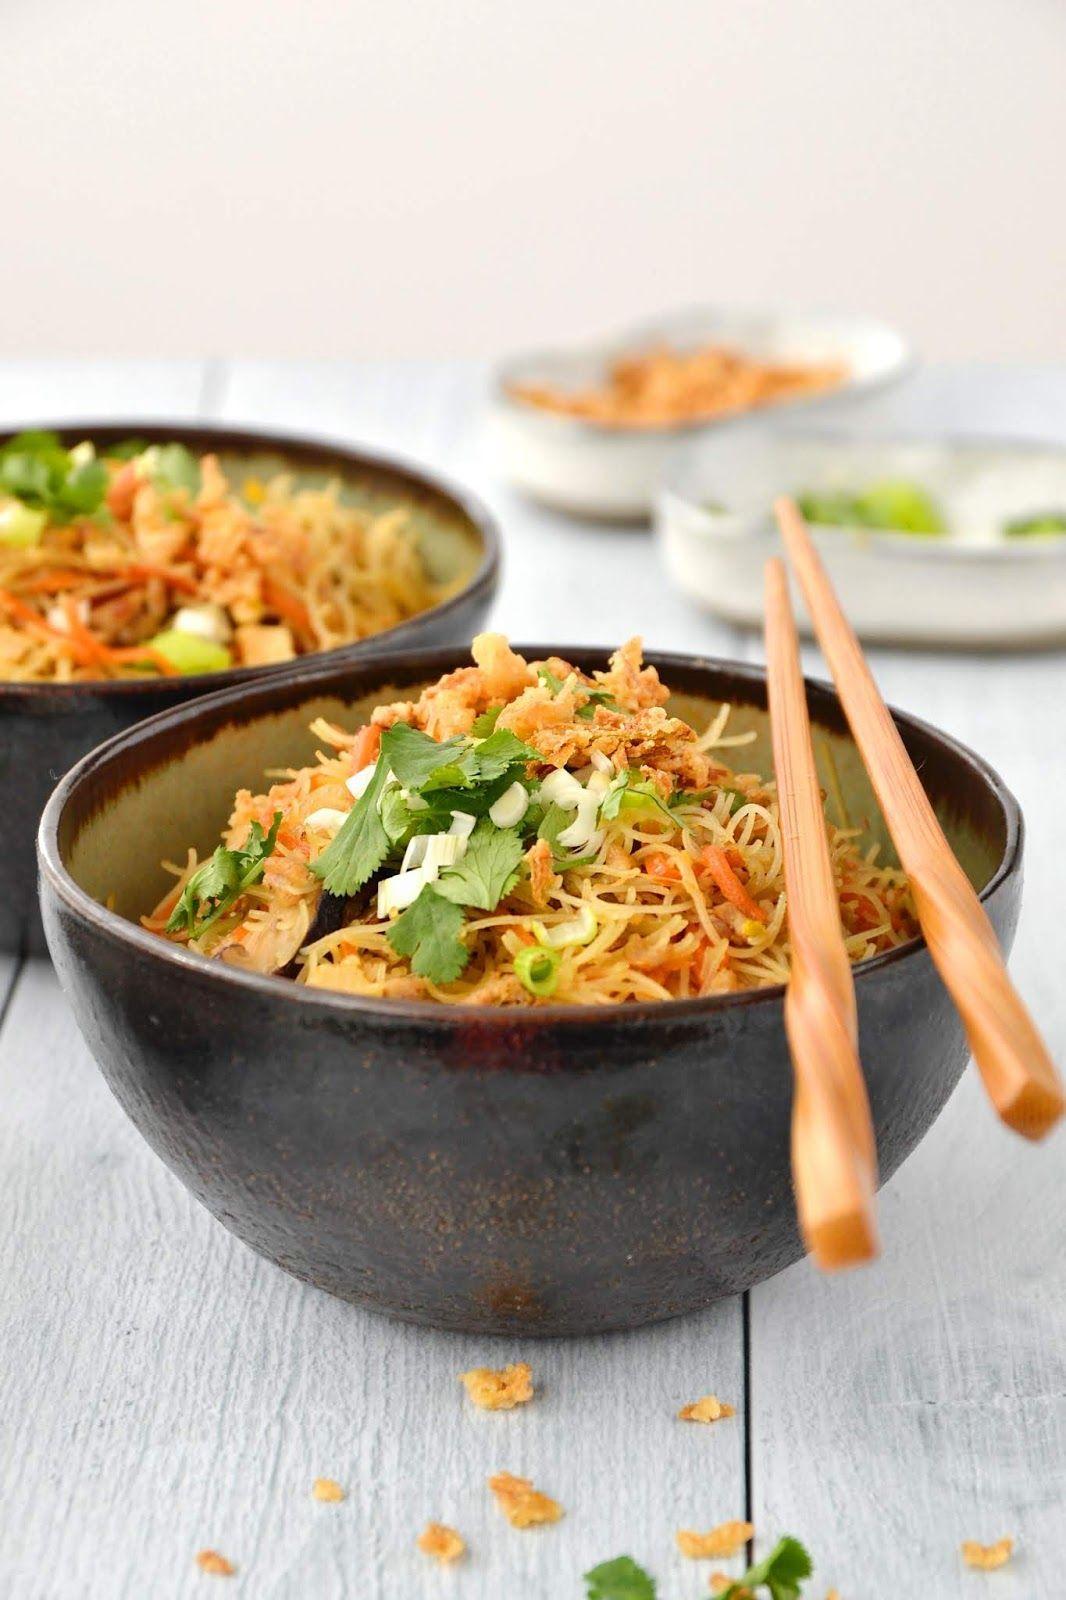 Simple Comme Des Vermicelles De Riz Sautes Au Poulet In 2020 Asian Vegetarian Recipes Vegetarian Recipes Healthy Healthy Asian Recipes